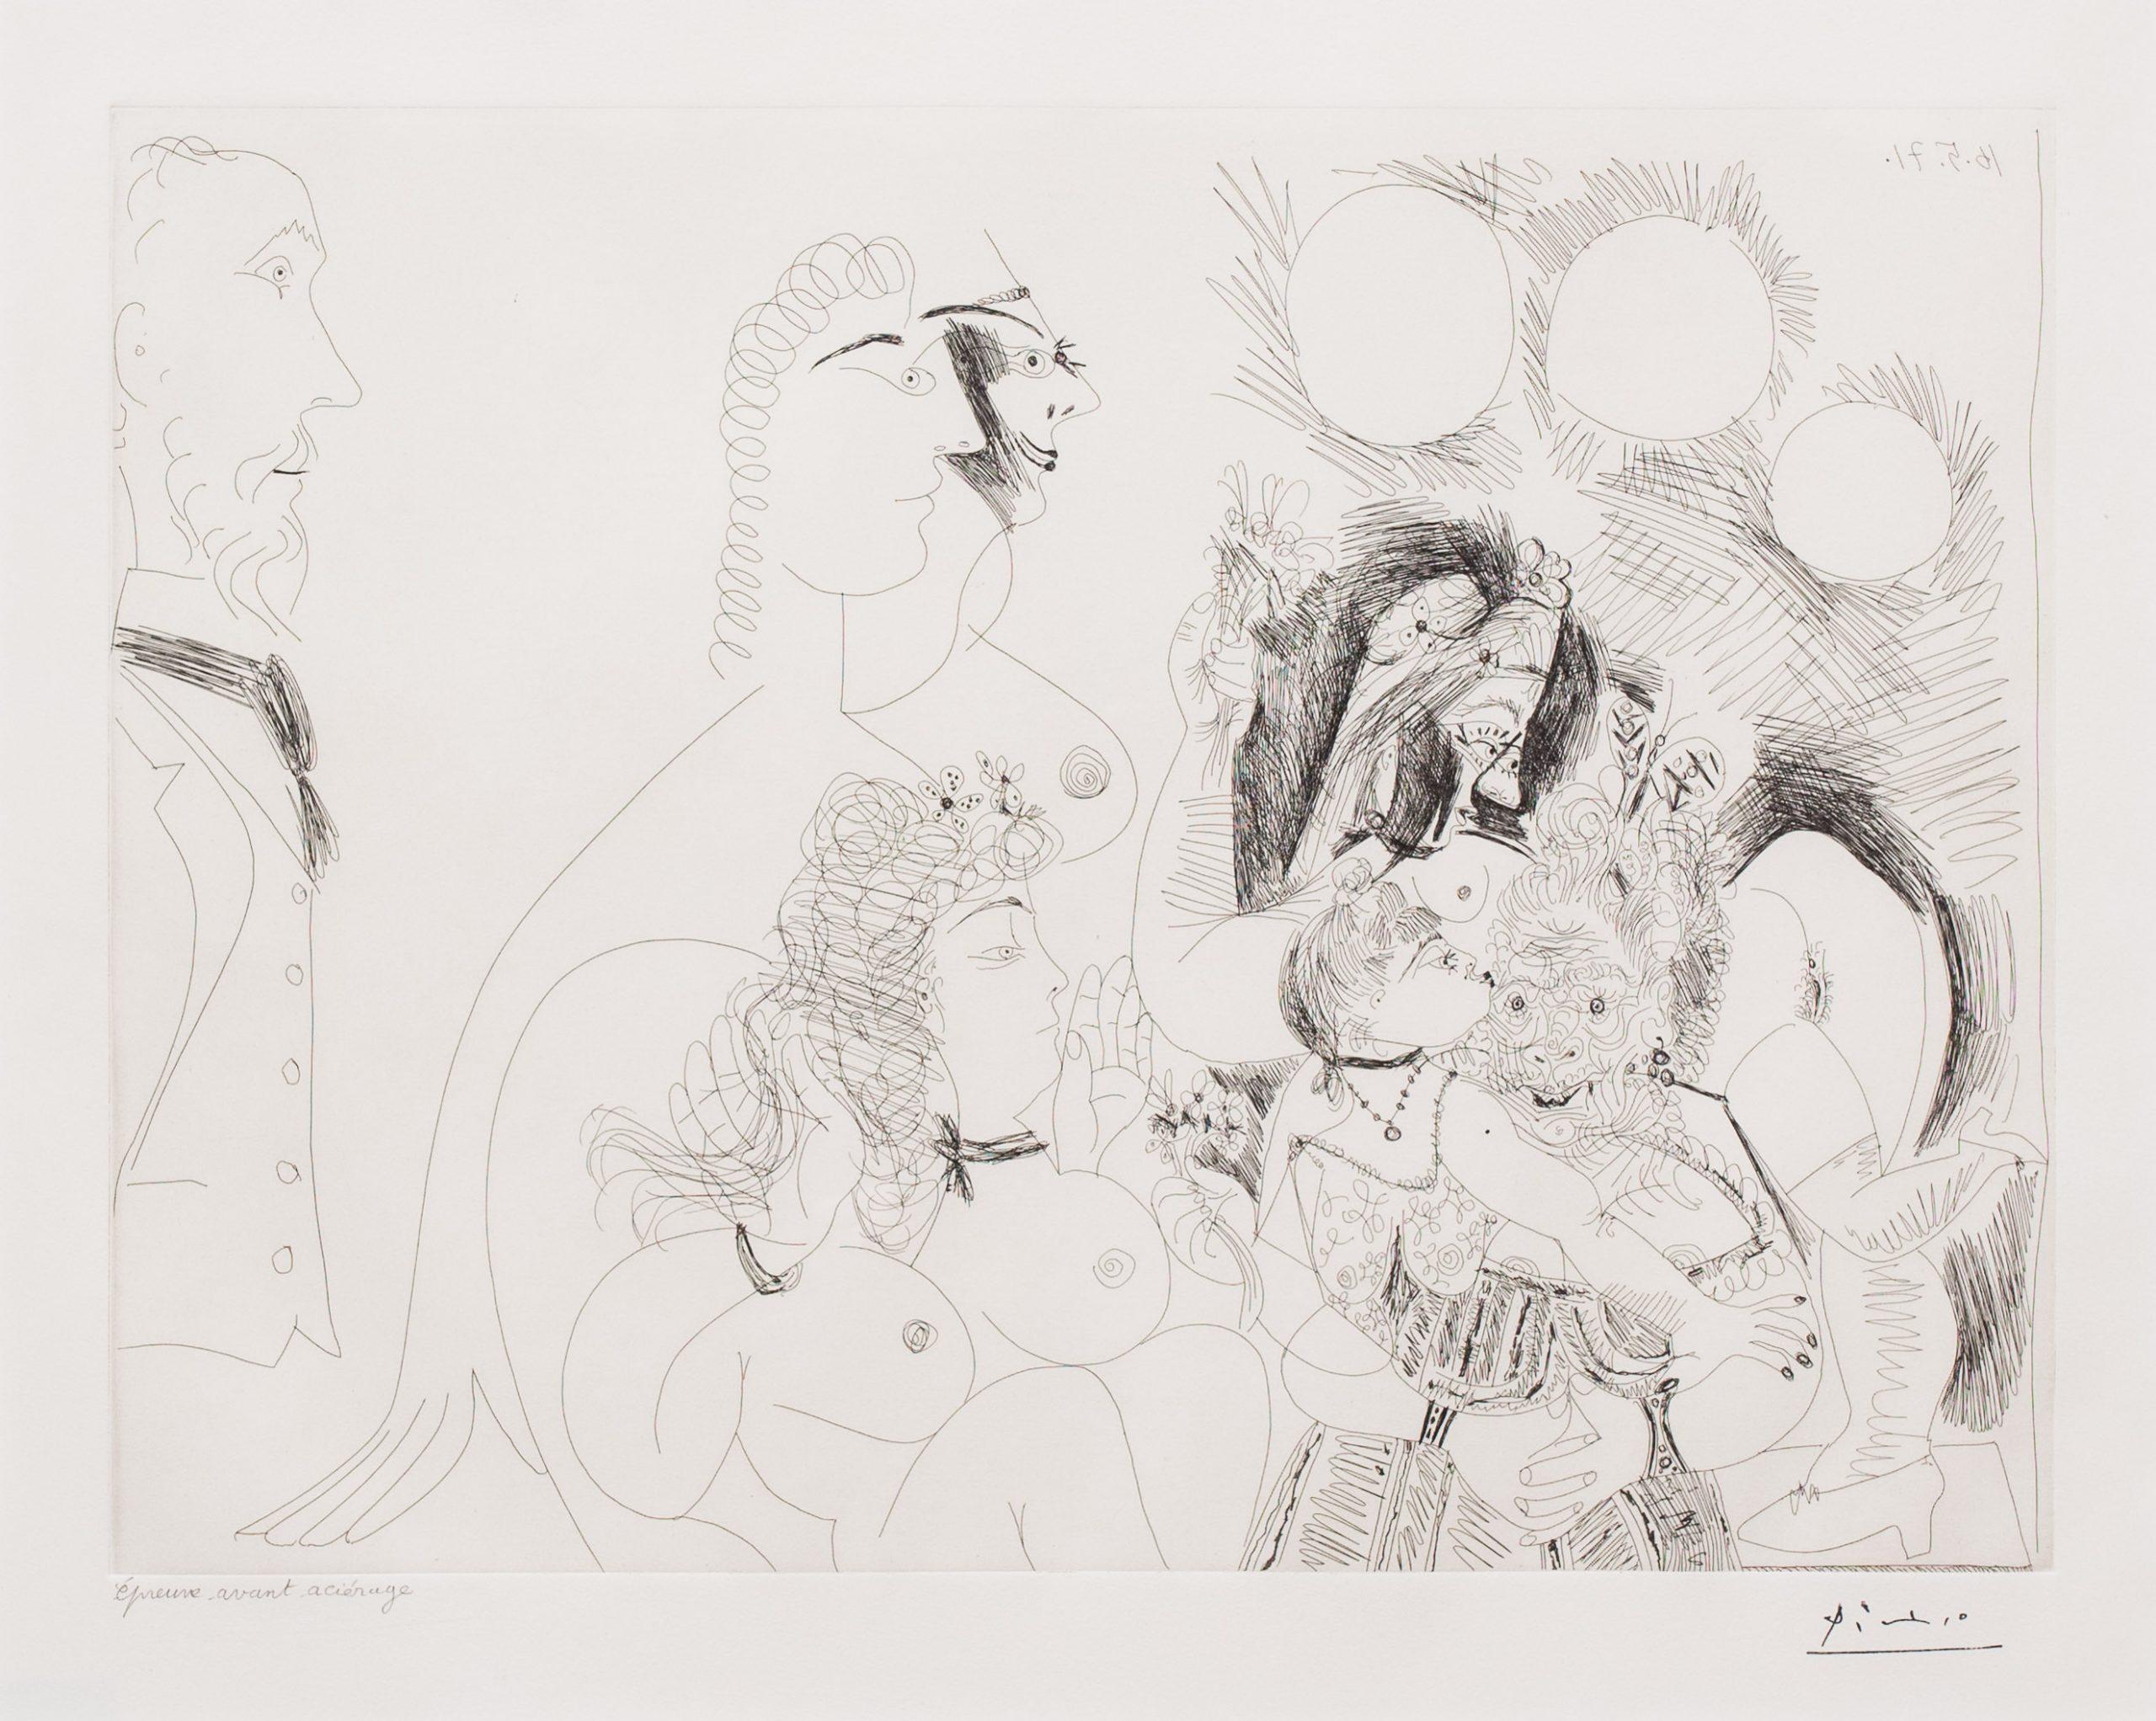 La Fete de la Patronne…, from the 156 Series by Pablo Picasso